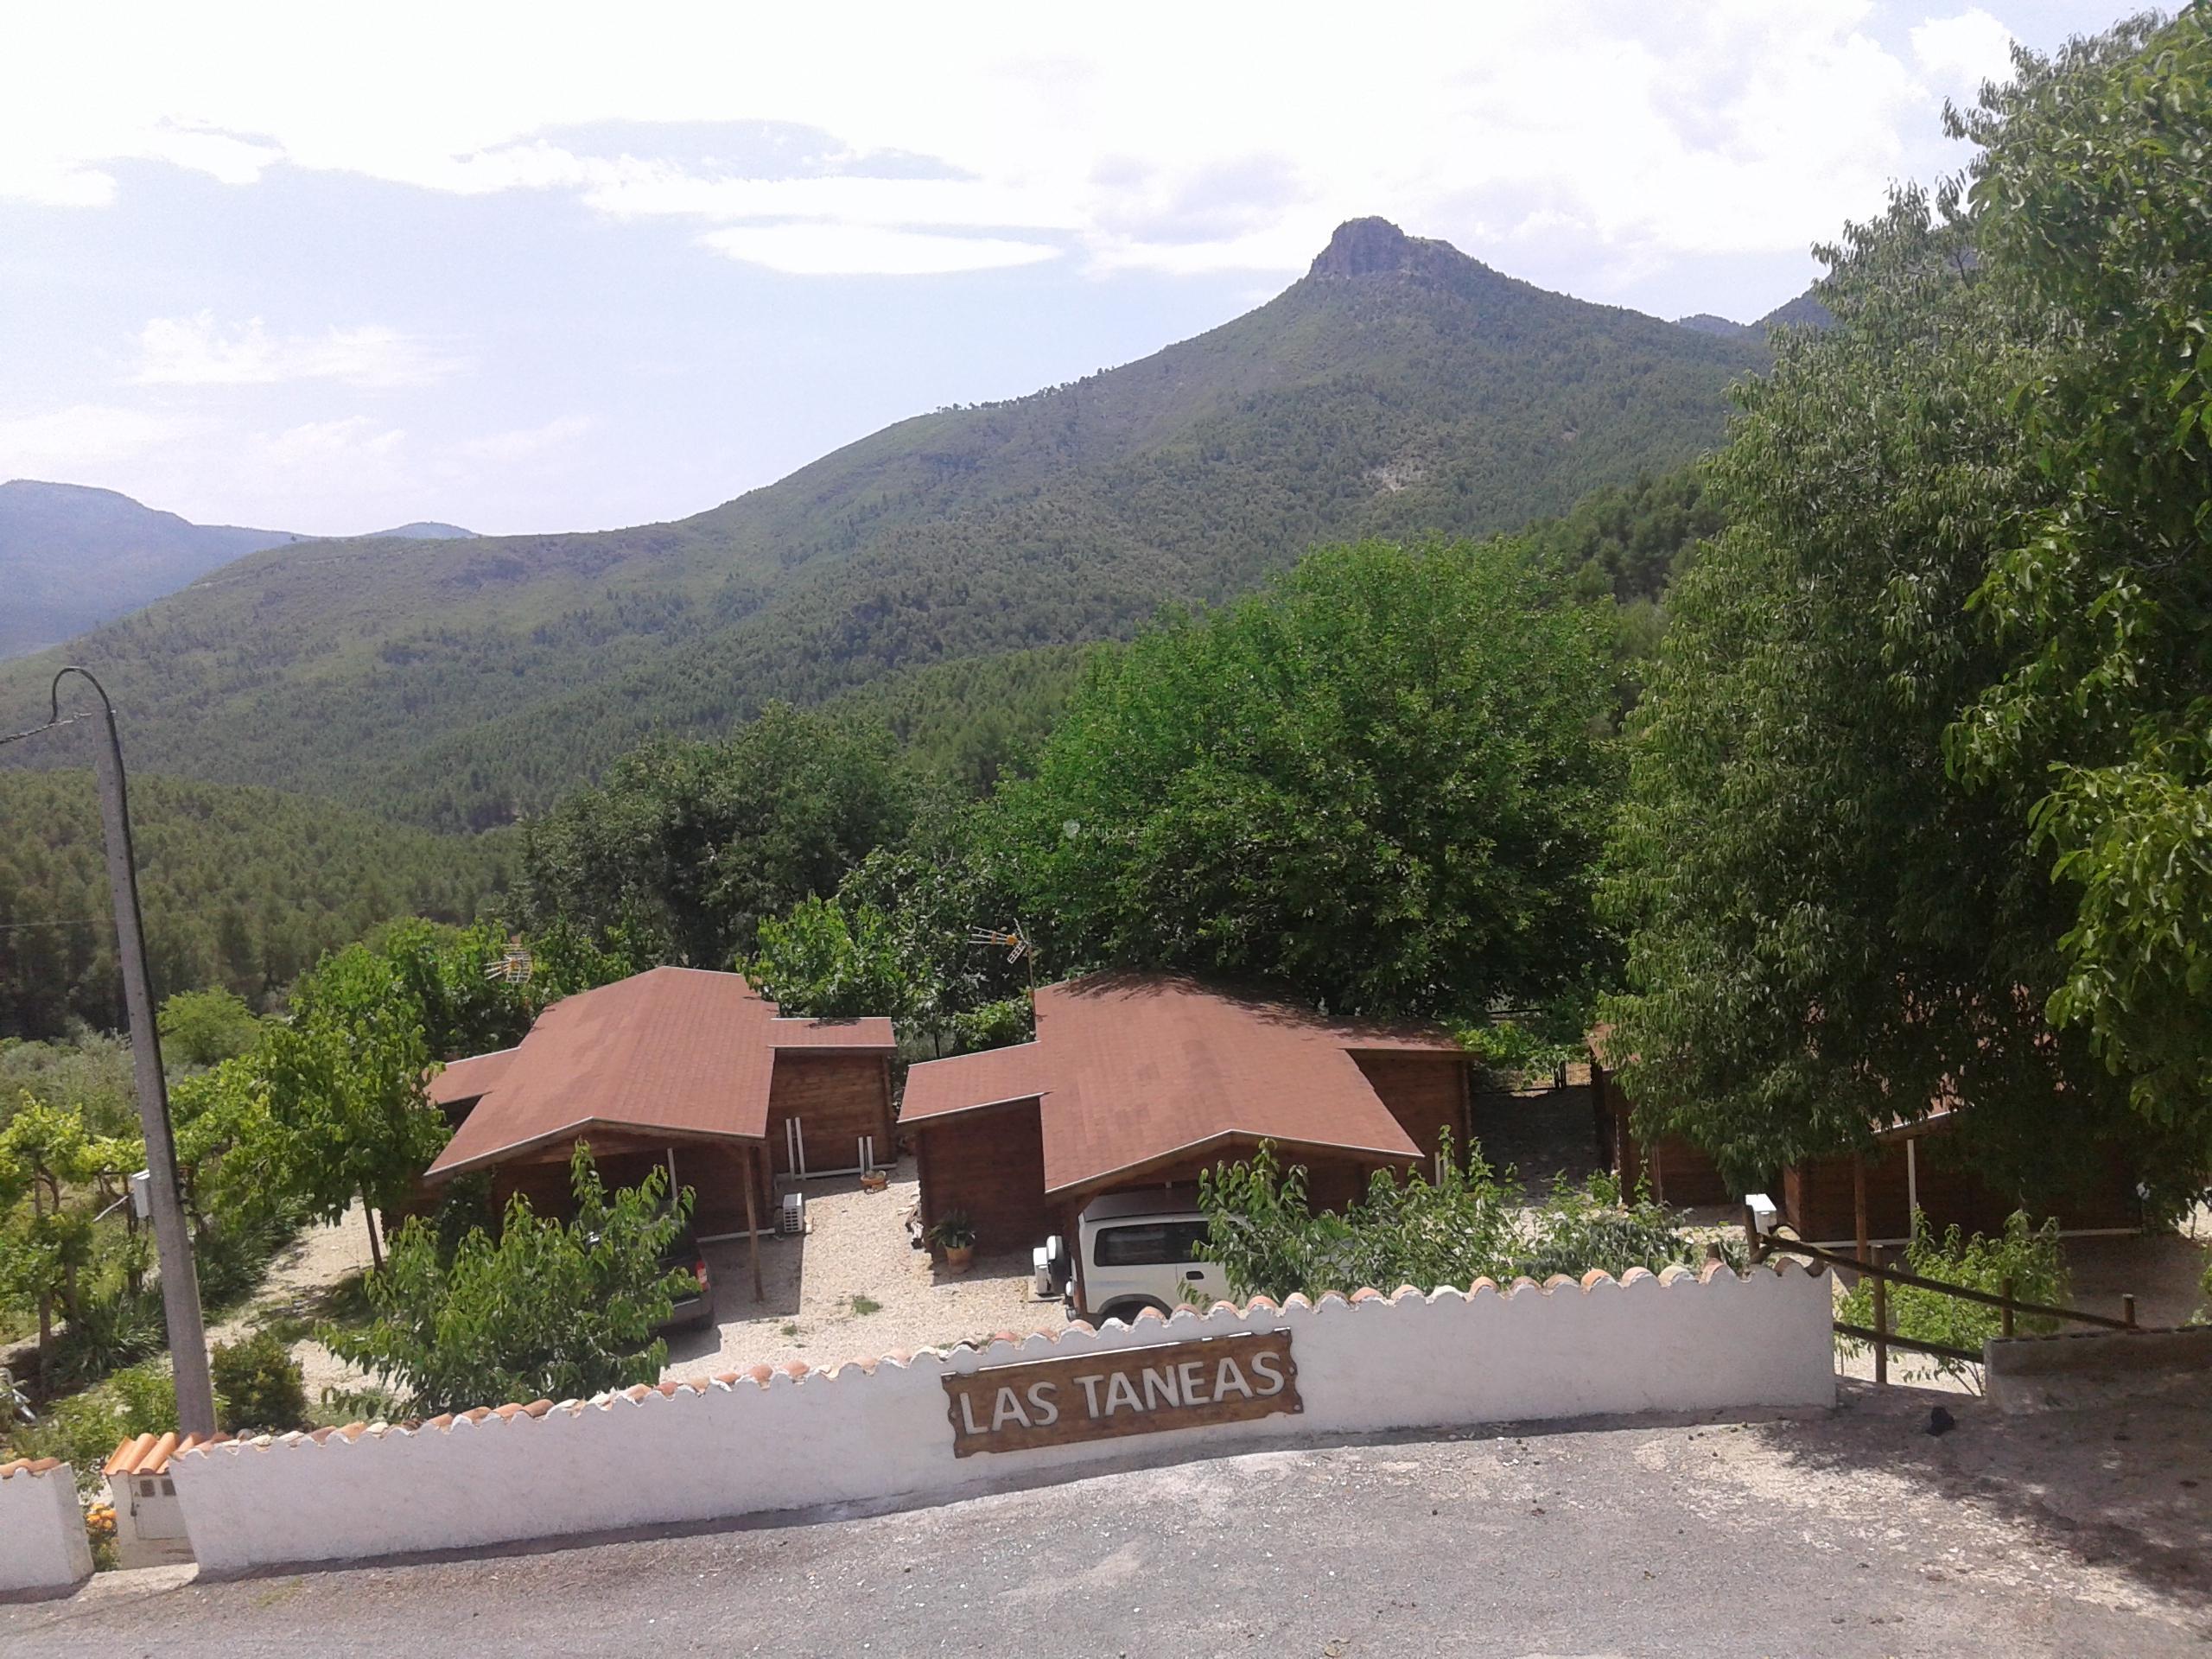 Fotos de las taneas albacete yeste clubrural - Casa rural los garridos ...